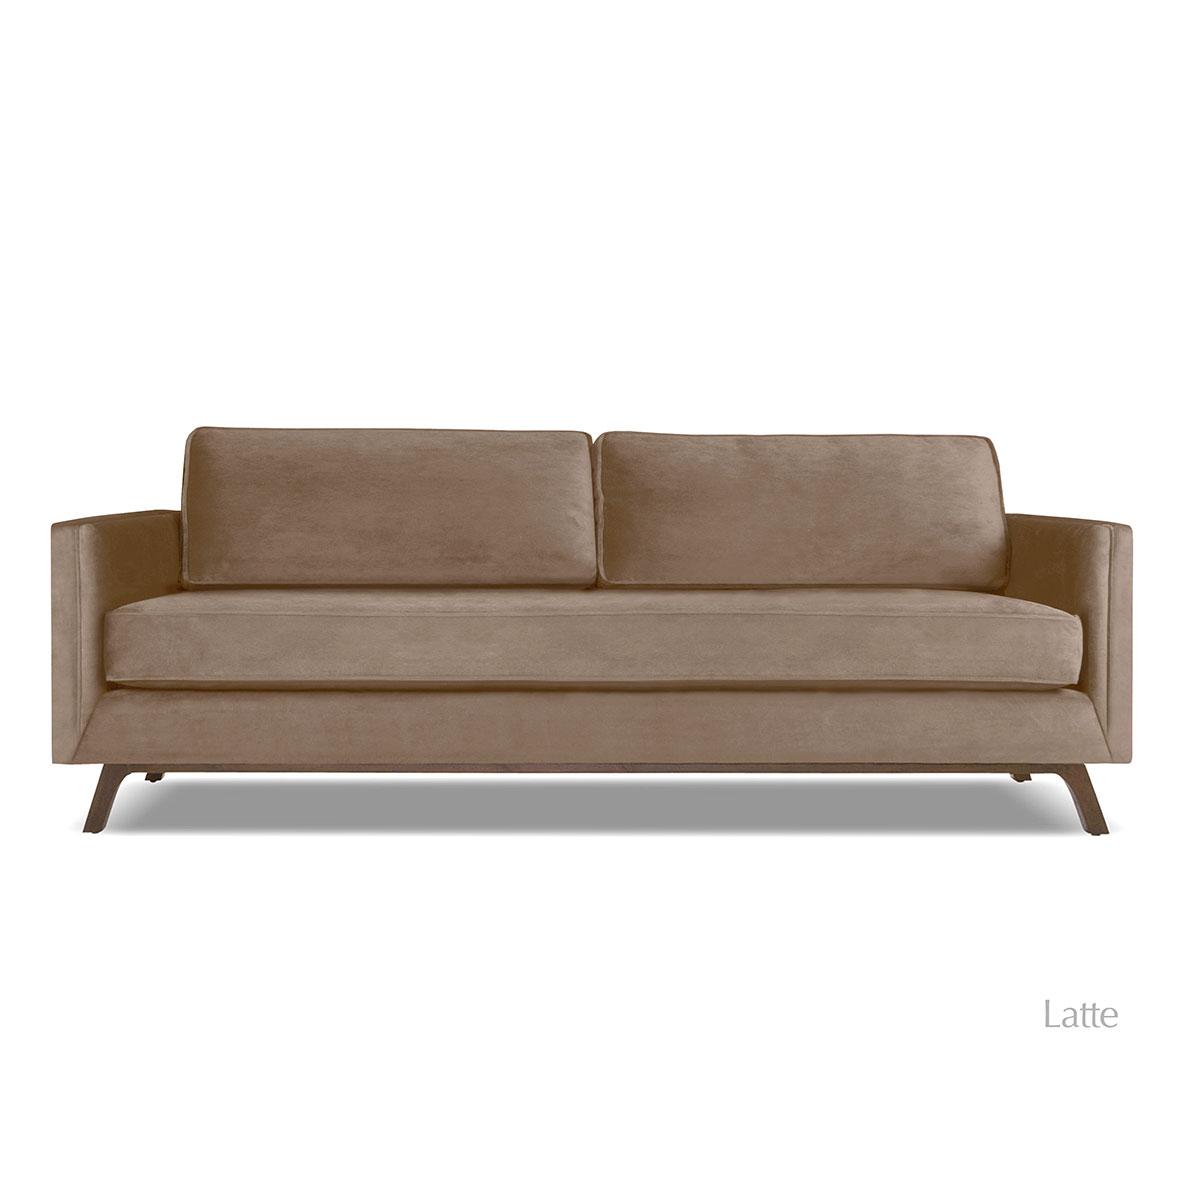 Velvet sofas Bruce Velvet sofa Latte HHHANIH